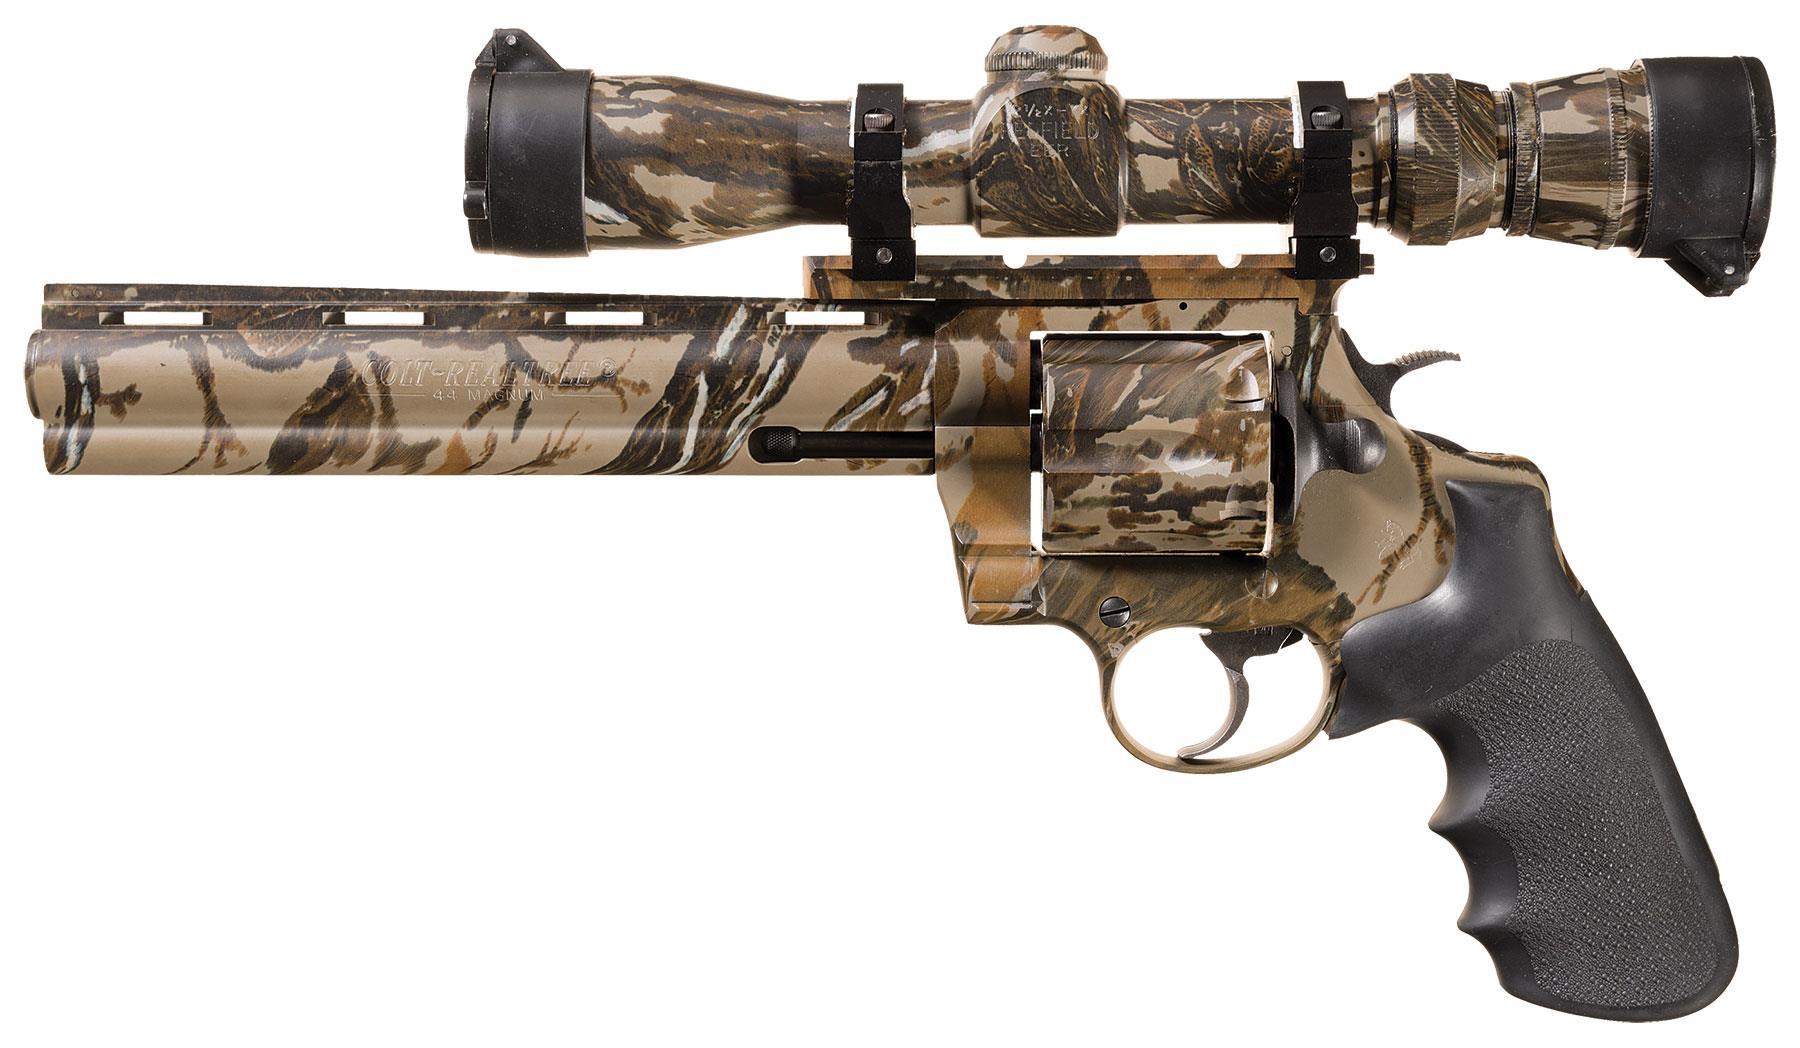 Colt Anaconda Revolver 44 magnum